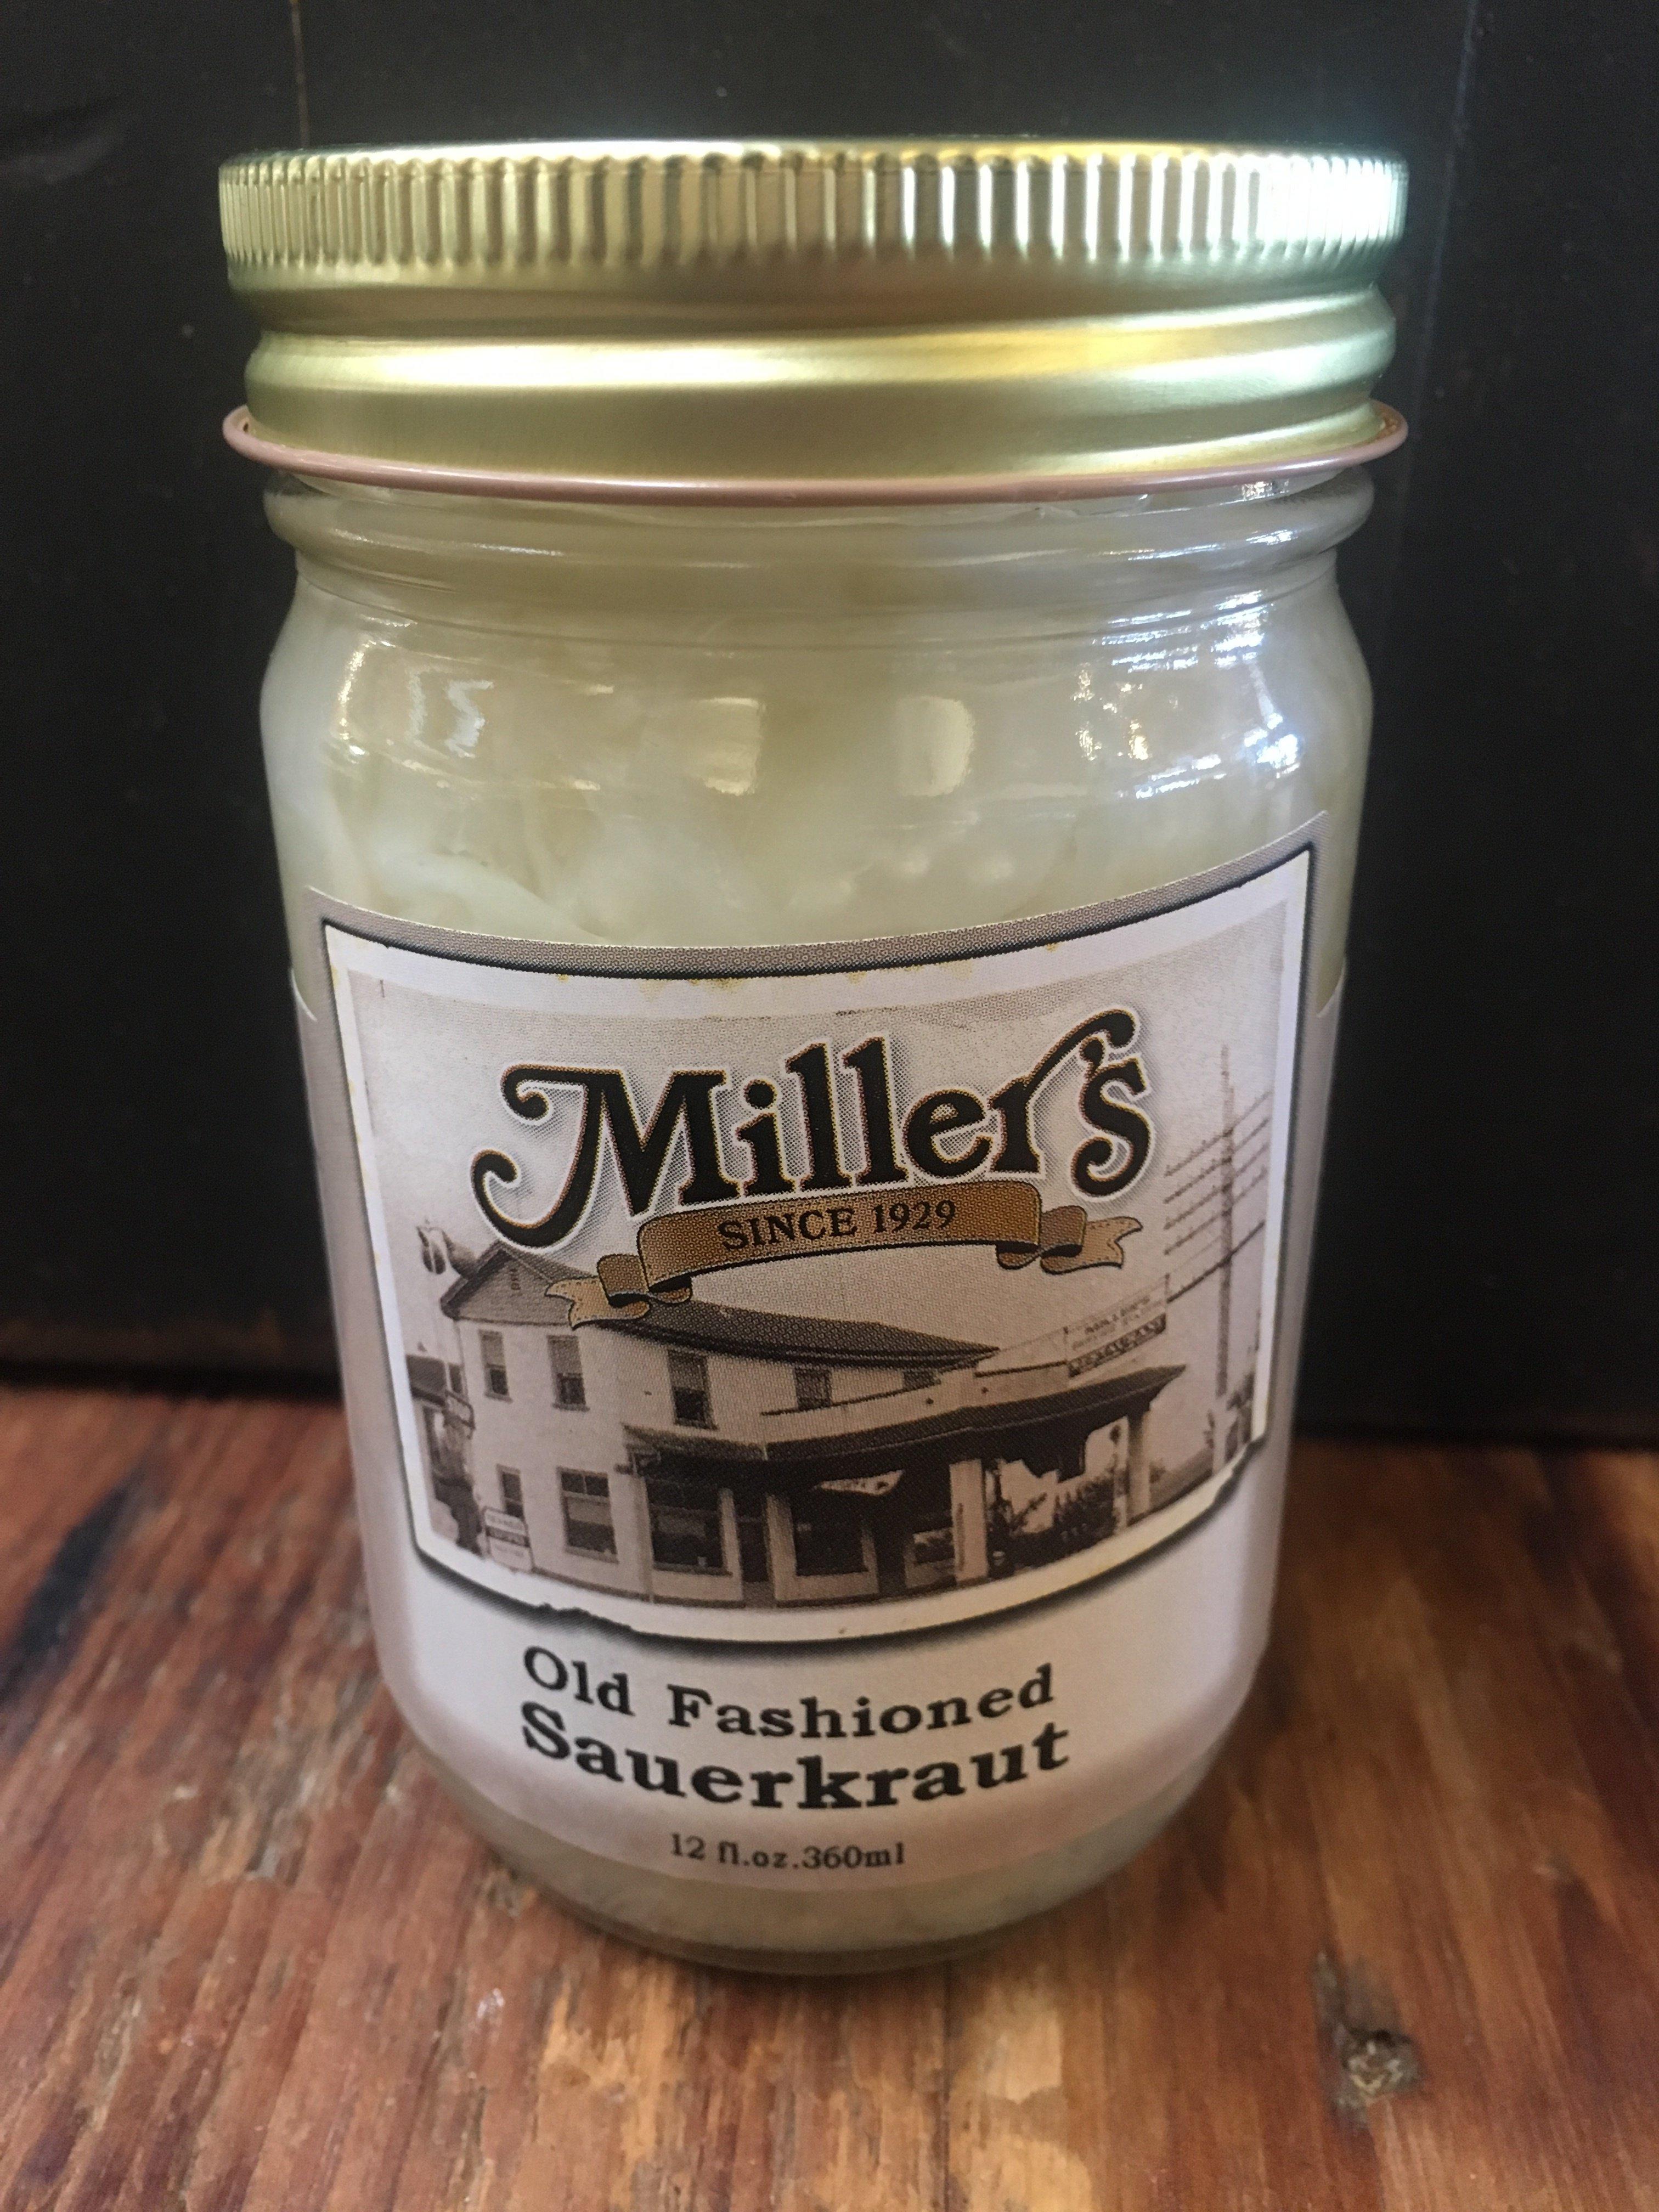 Old Fashioned Sauerkraut 12oz 00037